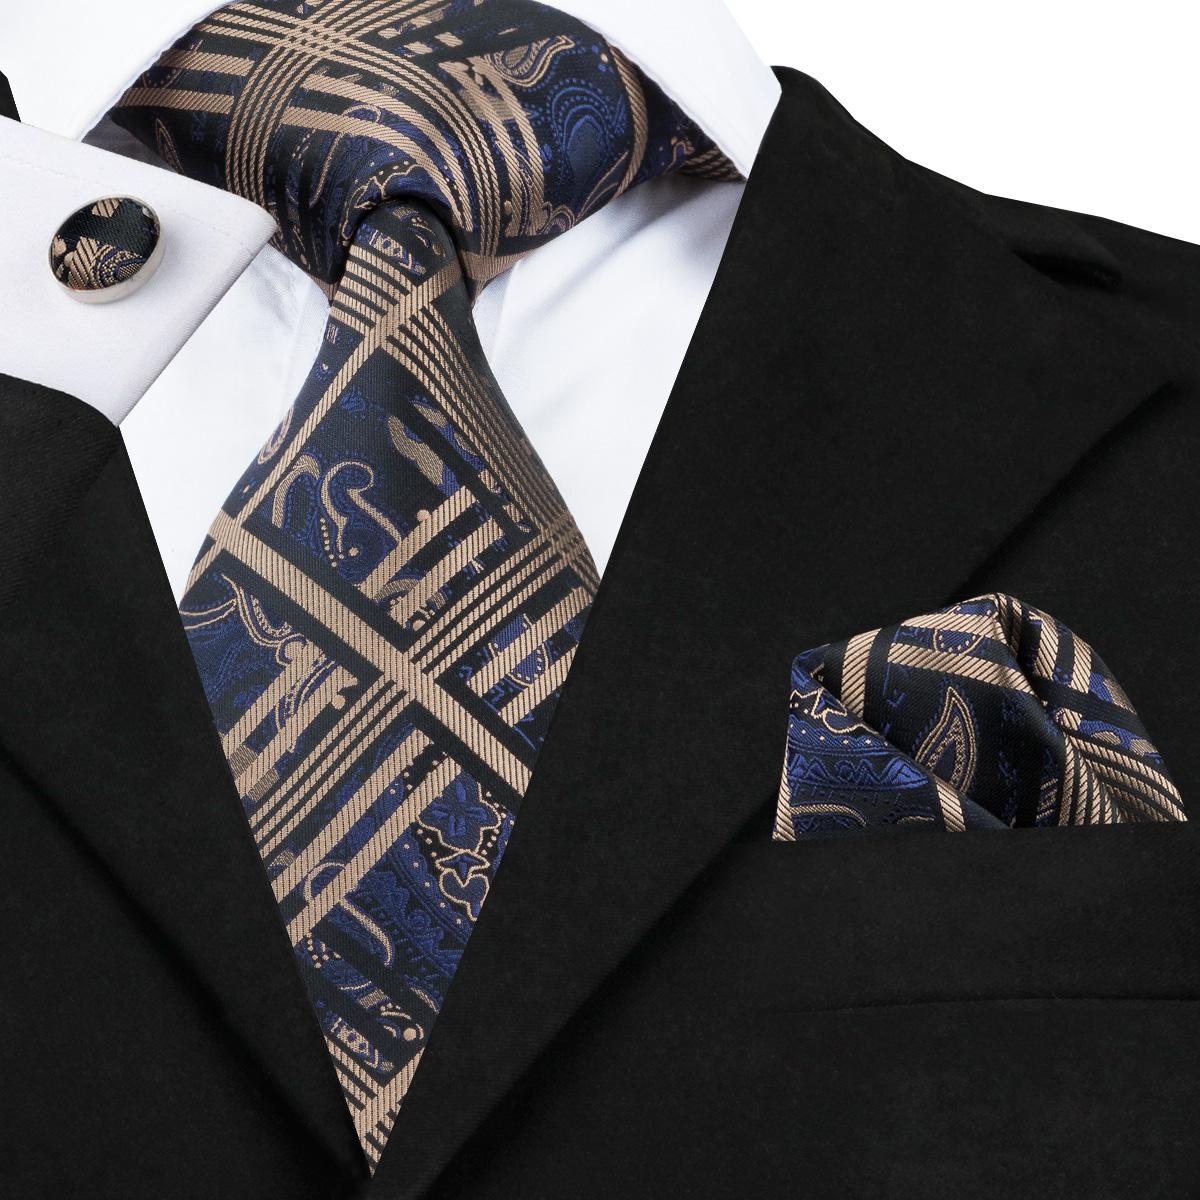 [해외]남자에 대 한 SN-1714 격자 무늬 꽃 넥타이 정장 결혼식 넥타이 패션 넥타이 스퀘어 손수건 커 프 스 단추 Gratavas 넥타이/SN-1714 Plaid Floral Ties For Men Formal Wedding Tie Set For Suit Fash